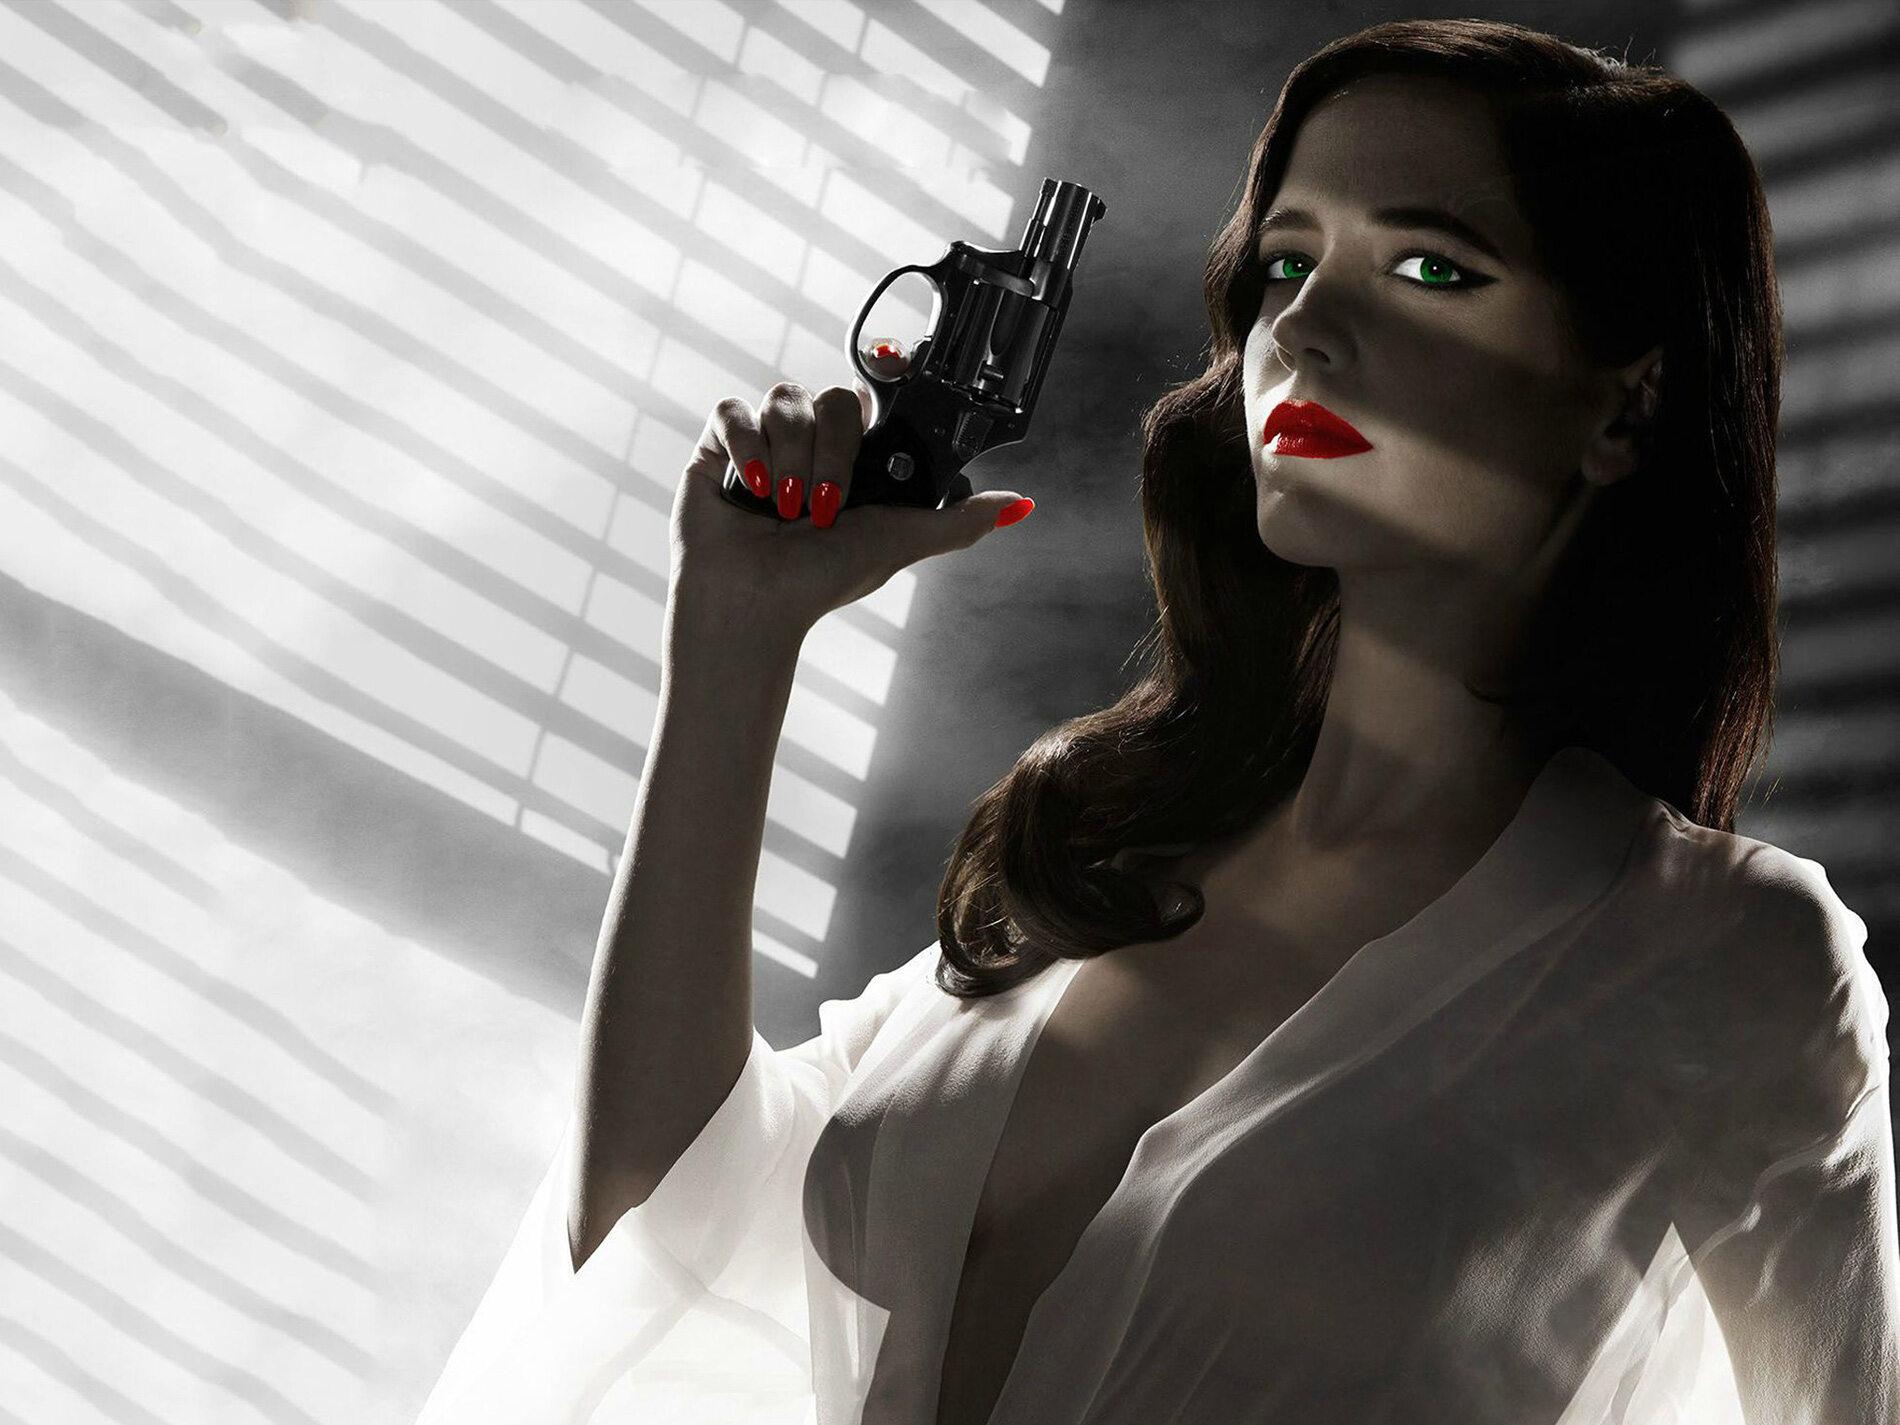 Sin City: Damulka warta grzechu / Sin City 2: A Dame to Kill for (2014)